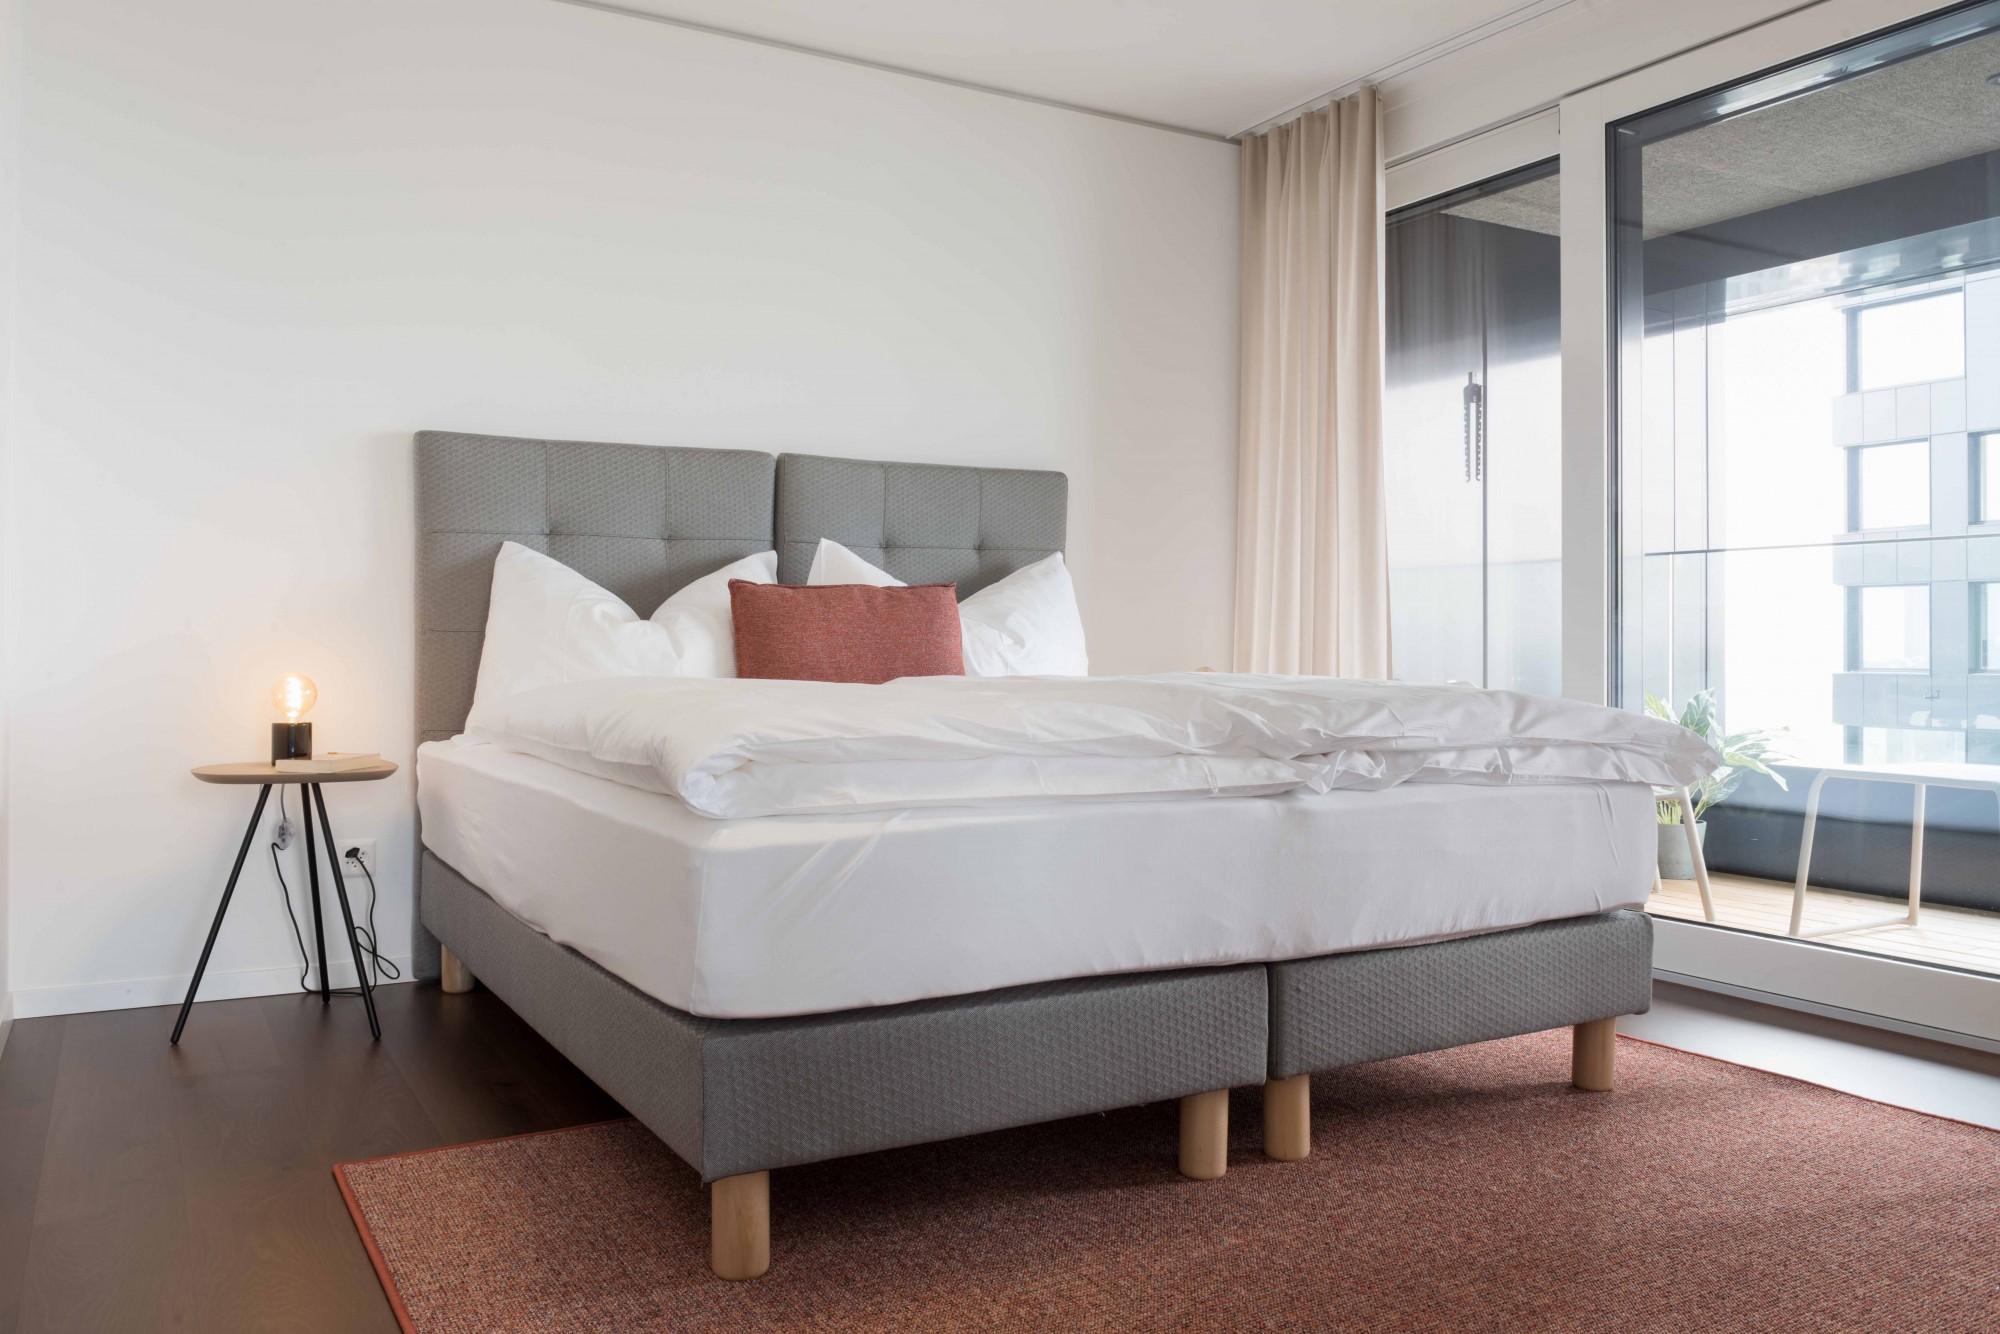 Serviced Apartment In Zurich 6min Zum Hb 2 5 Zimmerwohnung Panorama Mit Morgensonne Smart Apartments